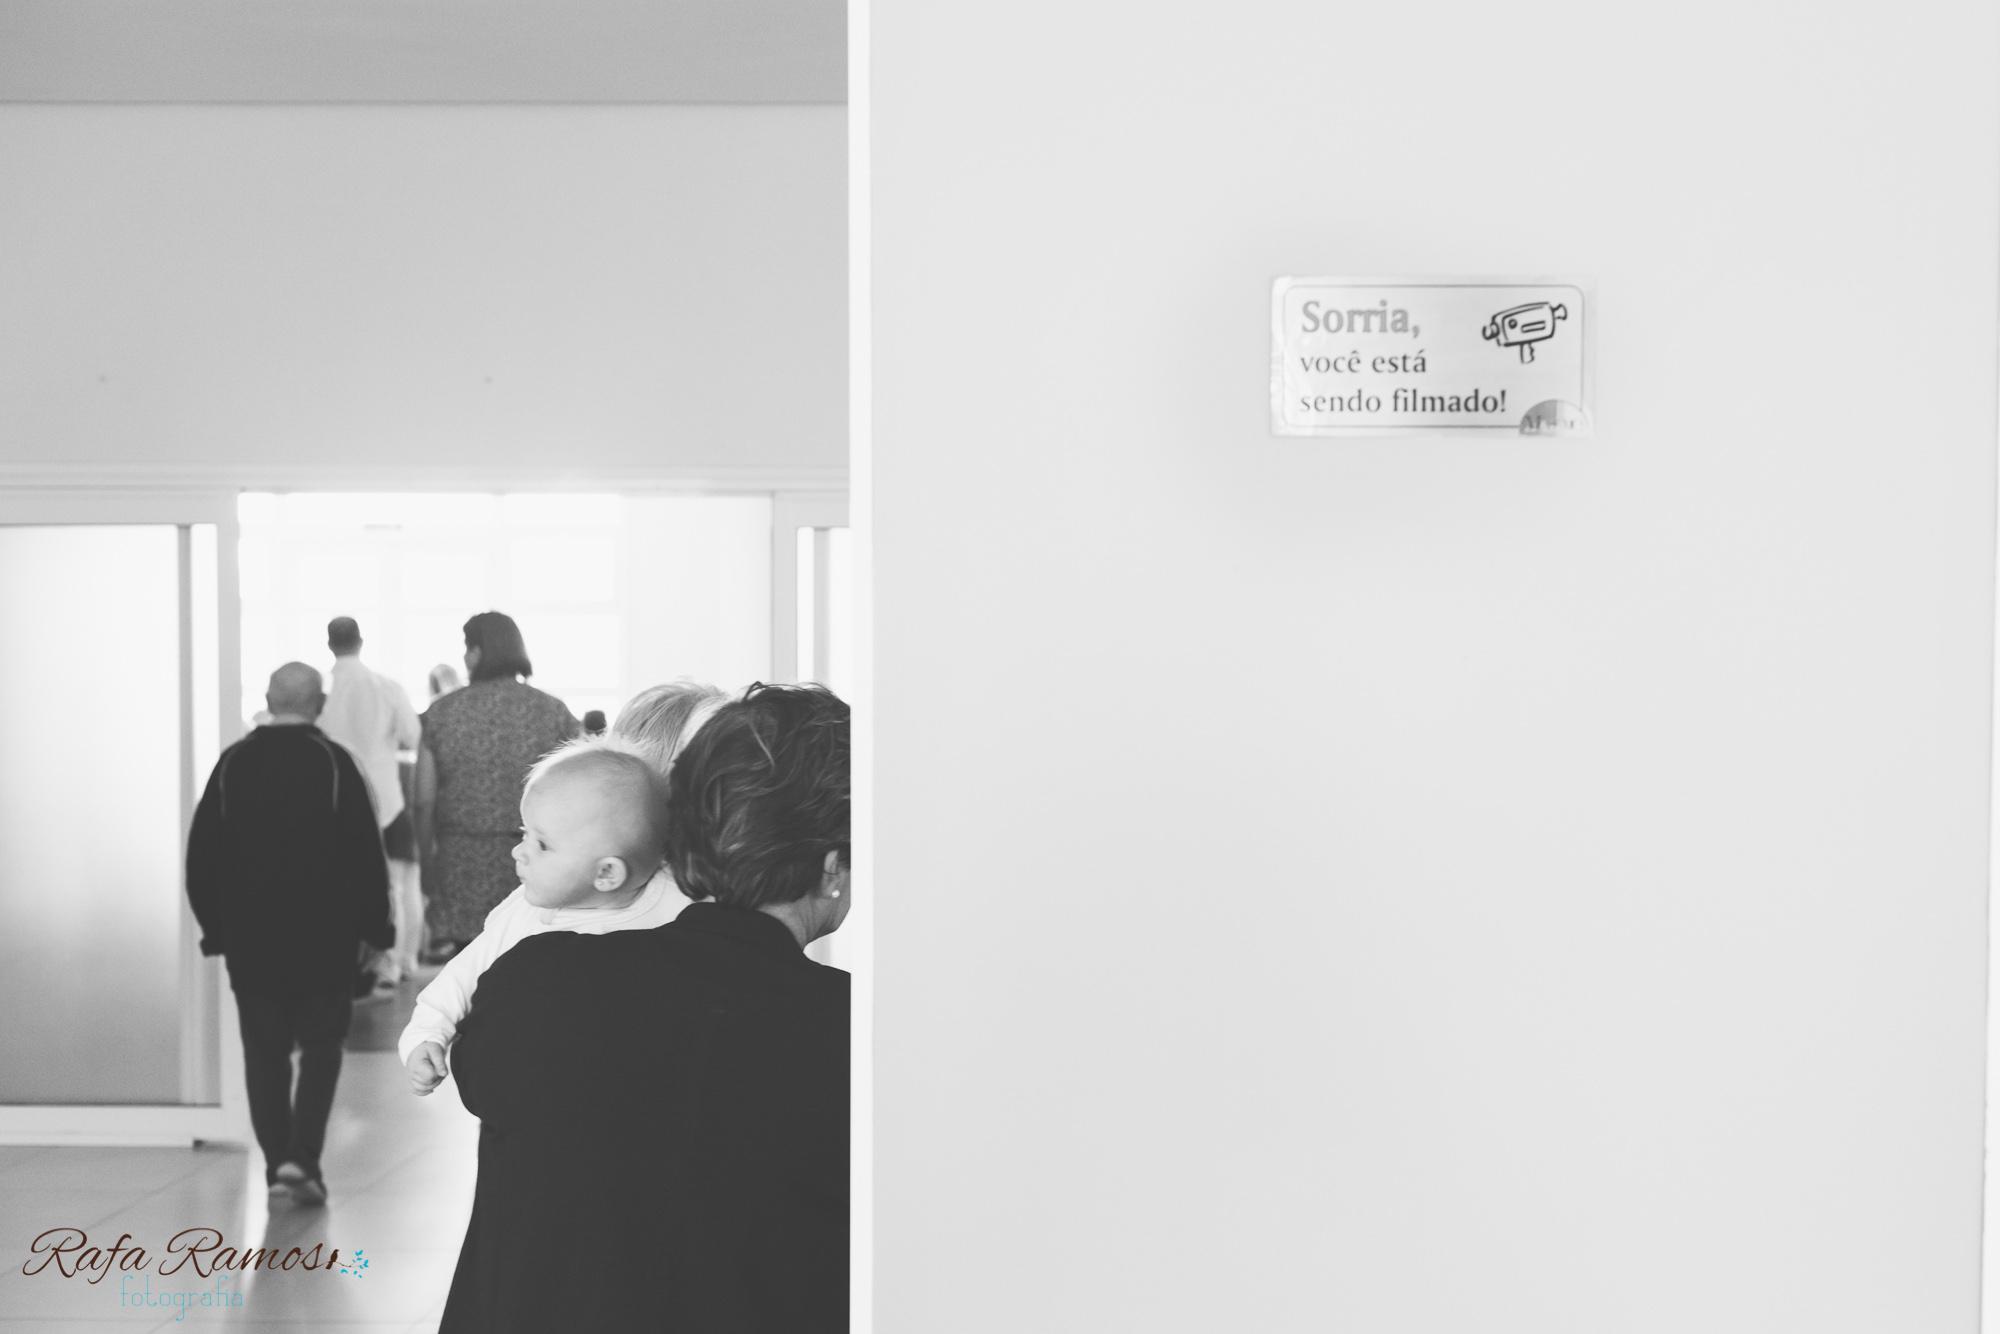 Fotografia de batizado, fotografo de batizado, batizado em São Paulo, batizado sp, batizado, Igreja santo expedito, bom retiro, bebê, neném, baby,  São paulo, SP, ensaio, fotografo, família, ensaio de família, fotografia de família,  fotografia criativa, ensaio fotográfico, blog de fotografia, Rafa Ramos, Fotografo, Rafa Ramos Fotografia